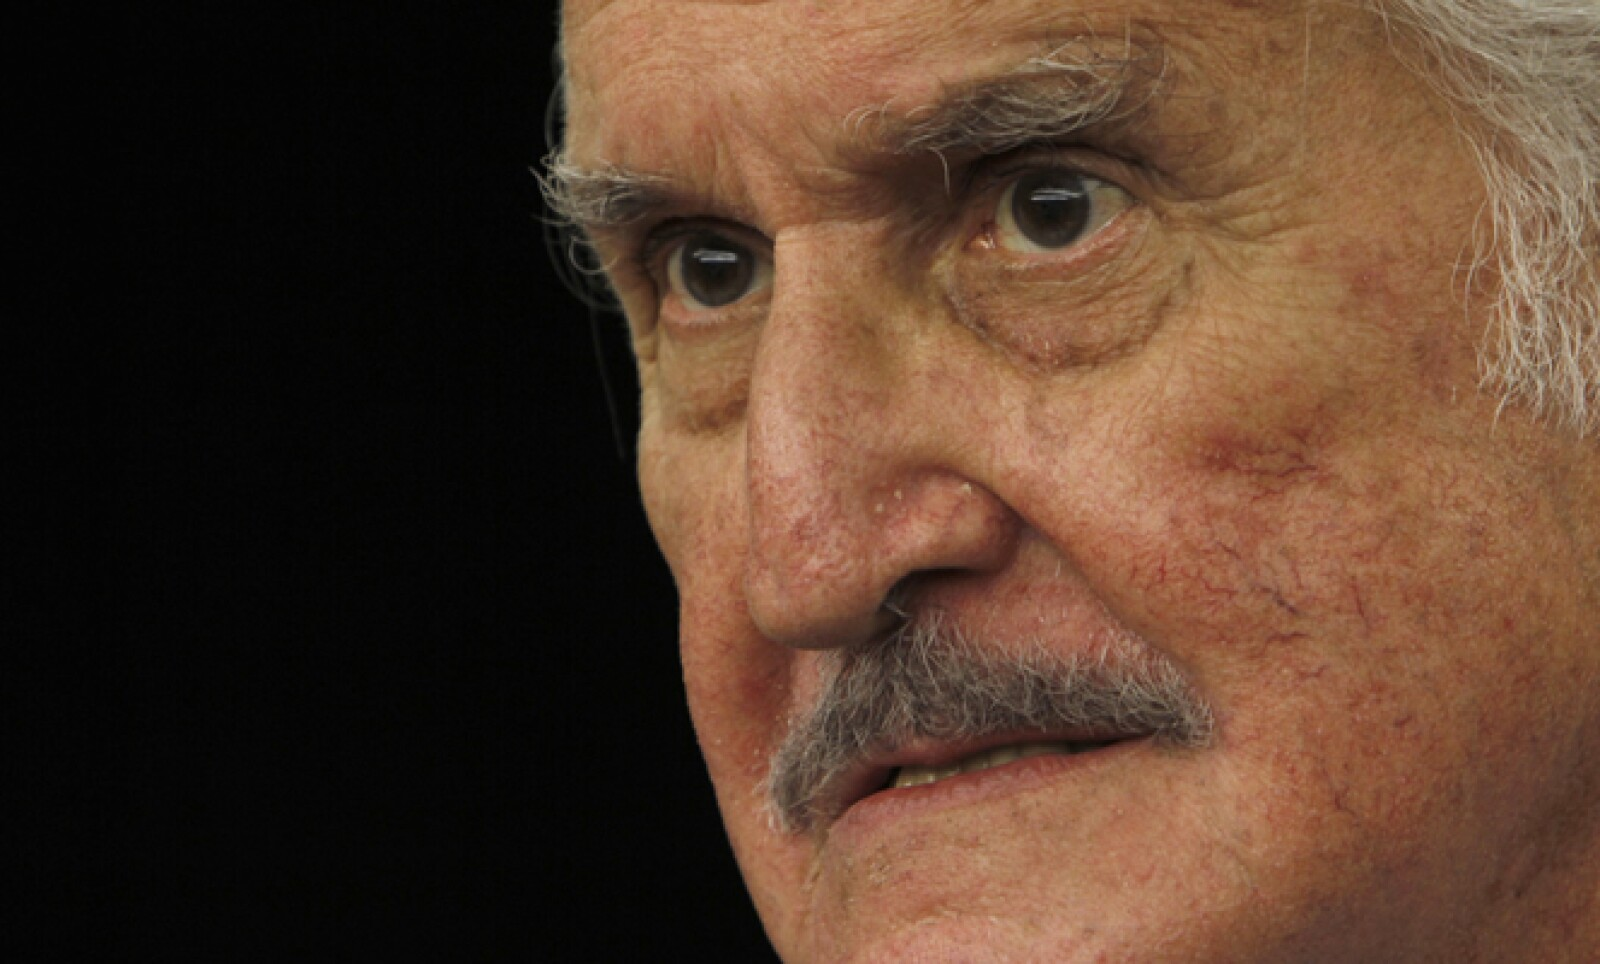 El escritor mexicano, Carlos Fuentes, falleció a los 83 años de edad el 15 de mayo.